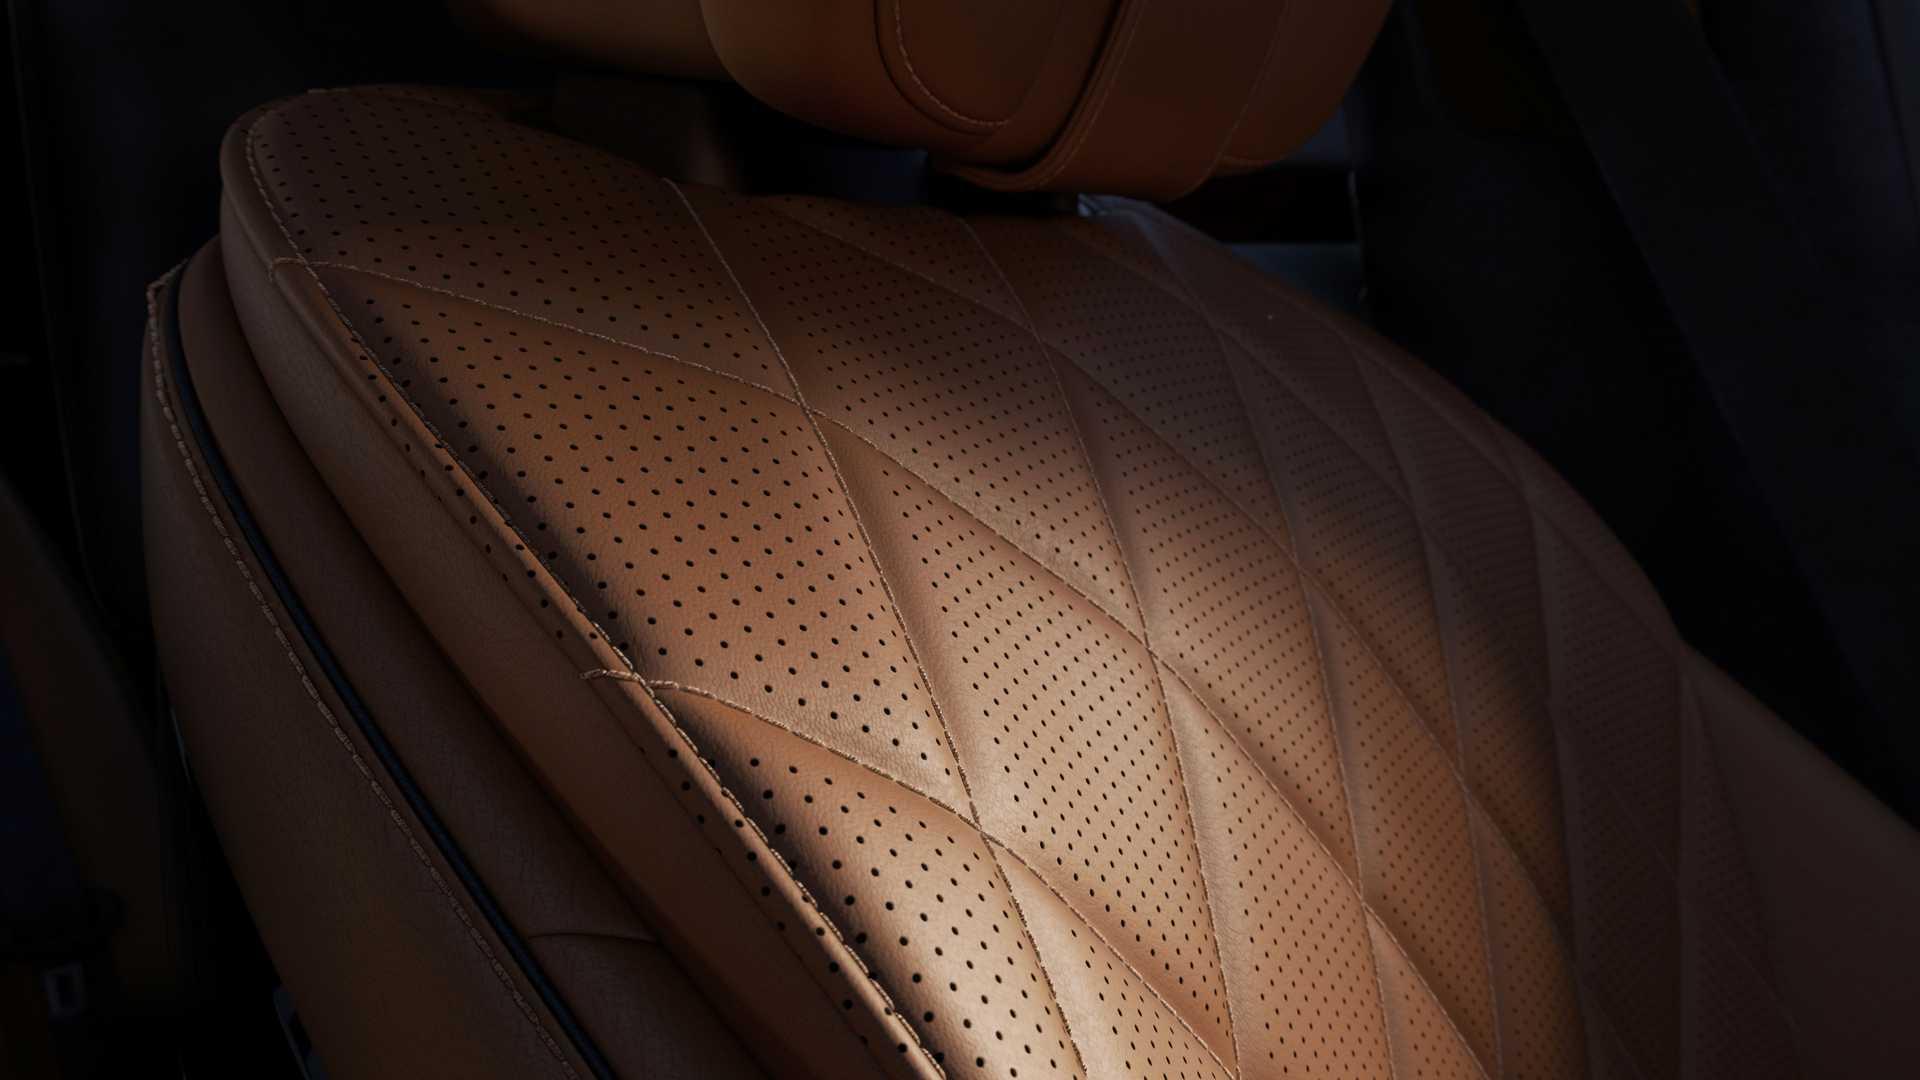 2021-mercedes-benz-s-class-ambient-lighting-2